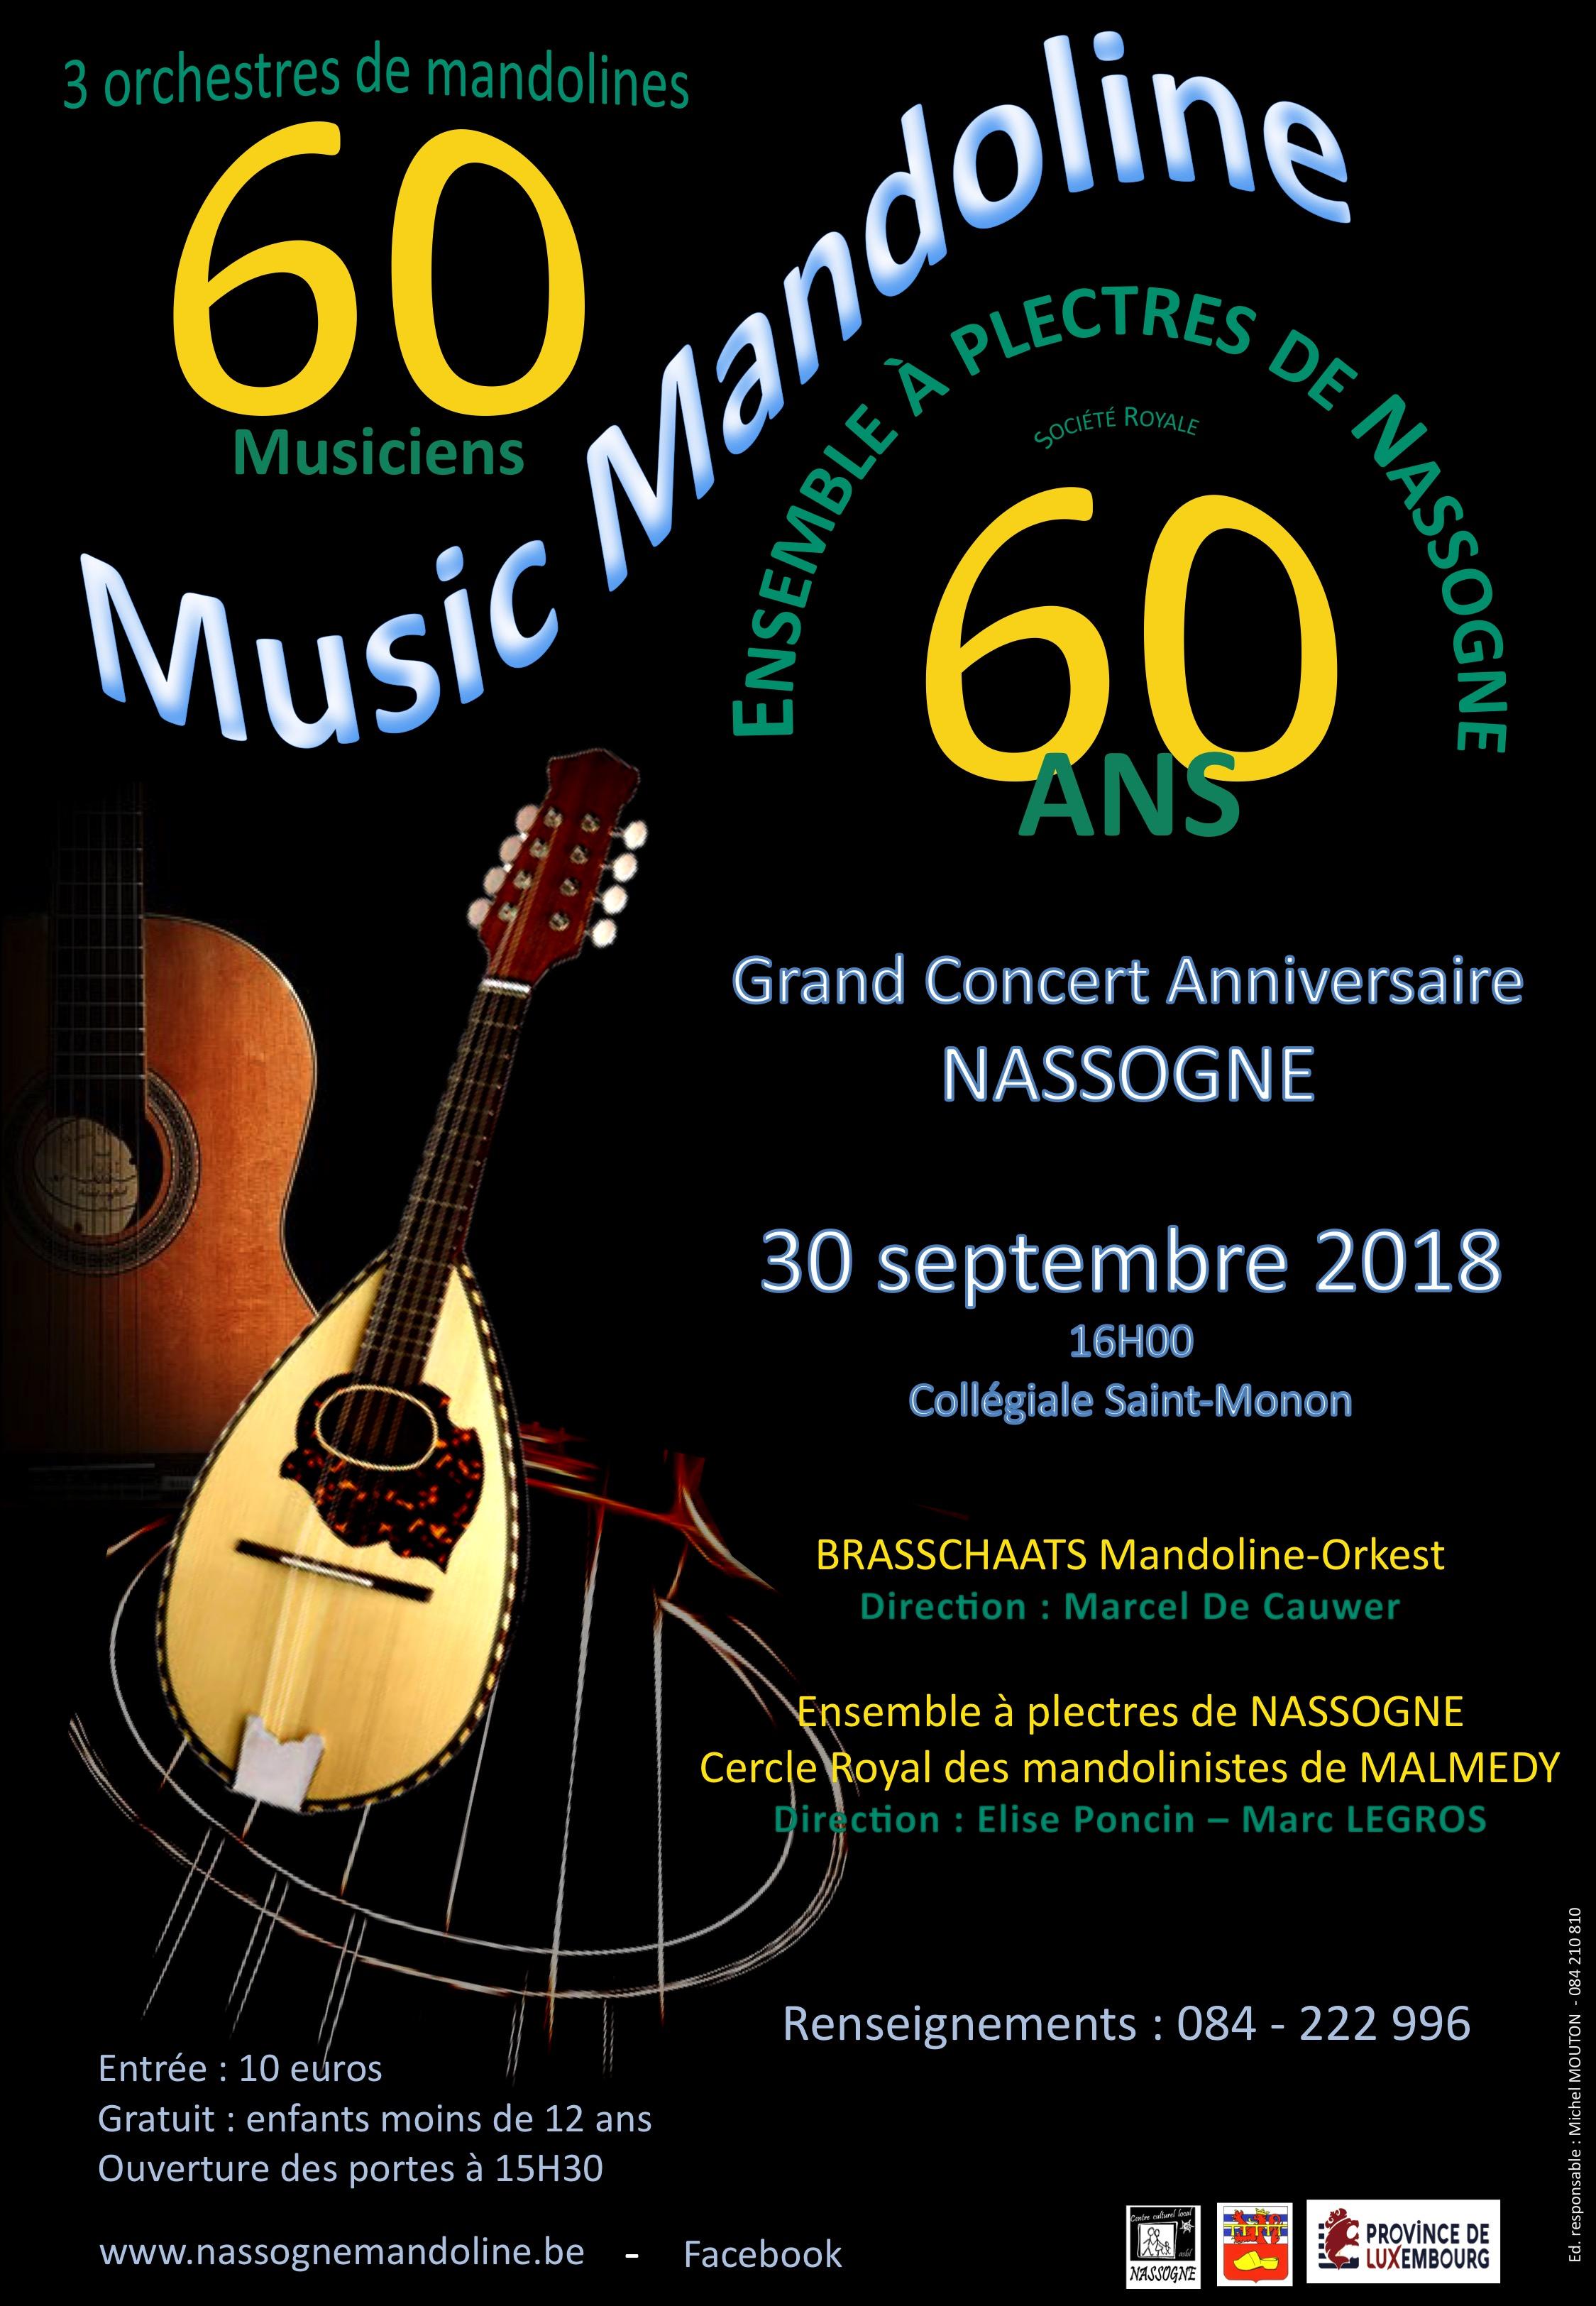 Grand concert des 60 ans de l'Ensemble à Plectres de Nassogne, le 30 septembre 2018 à Nassogne